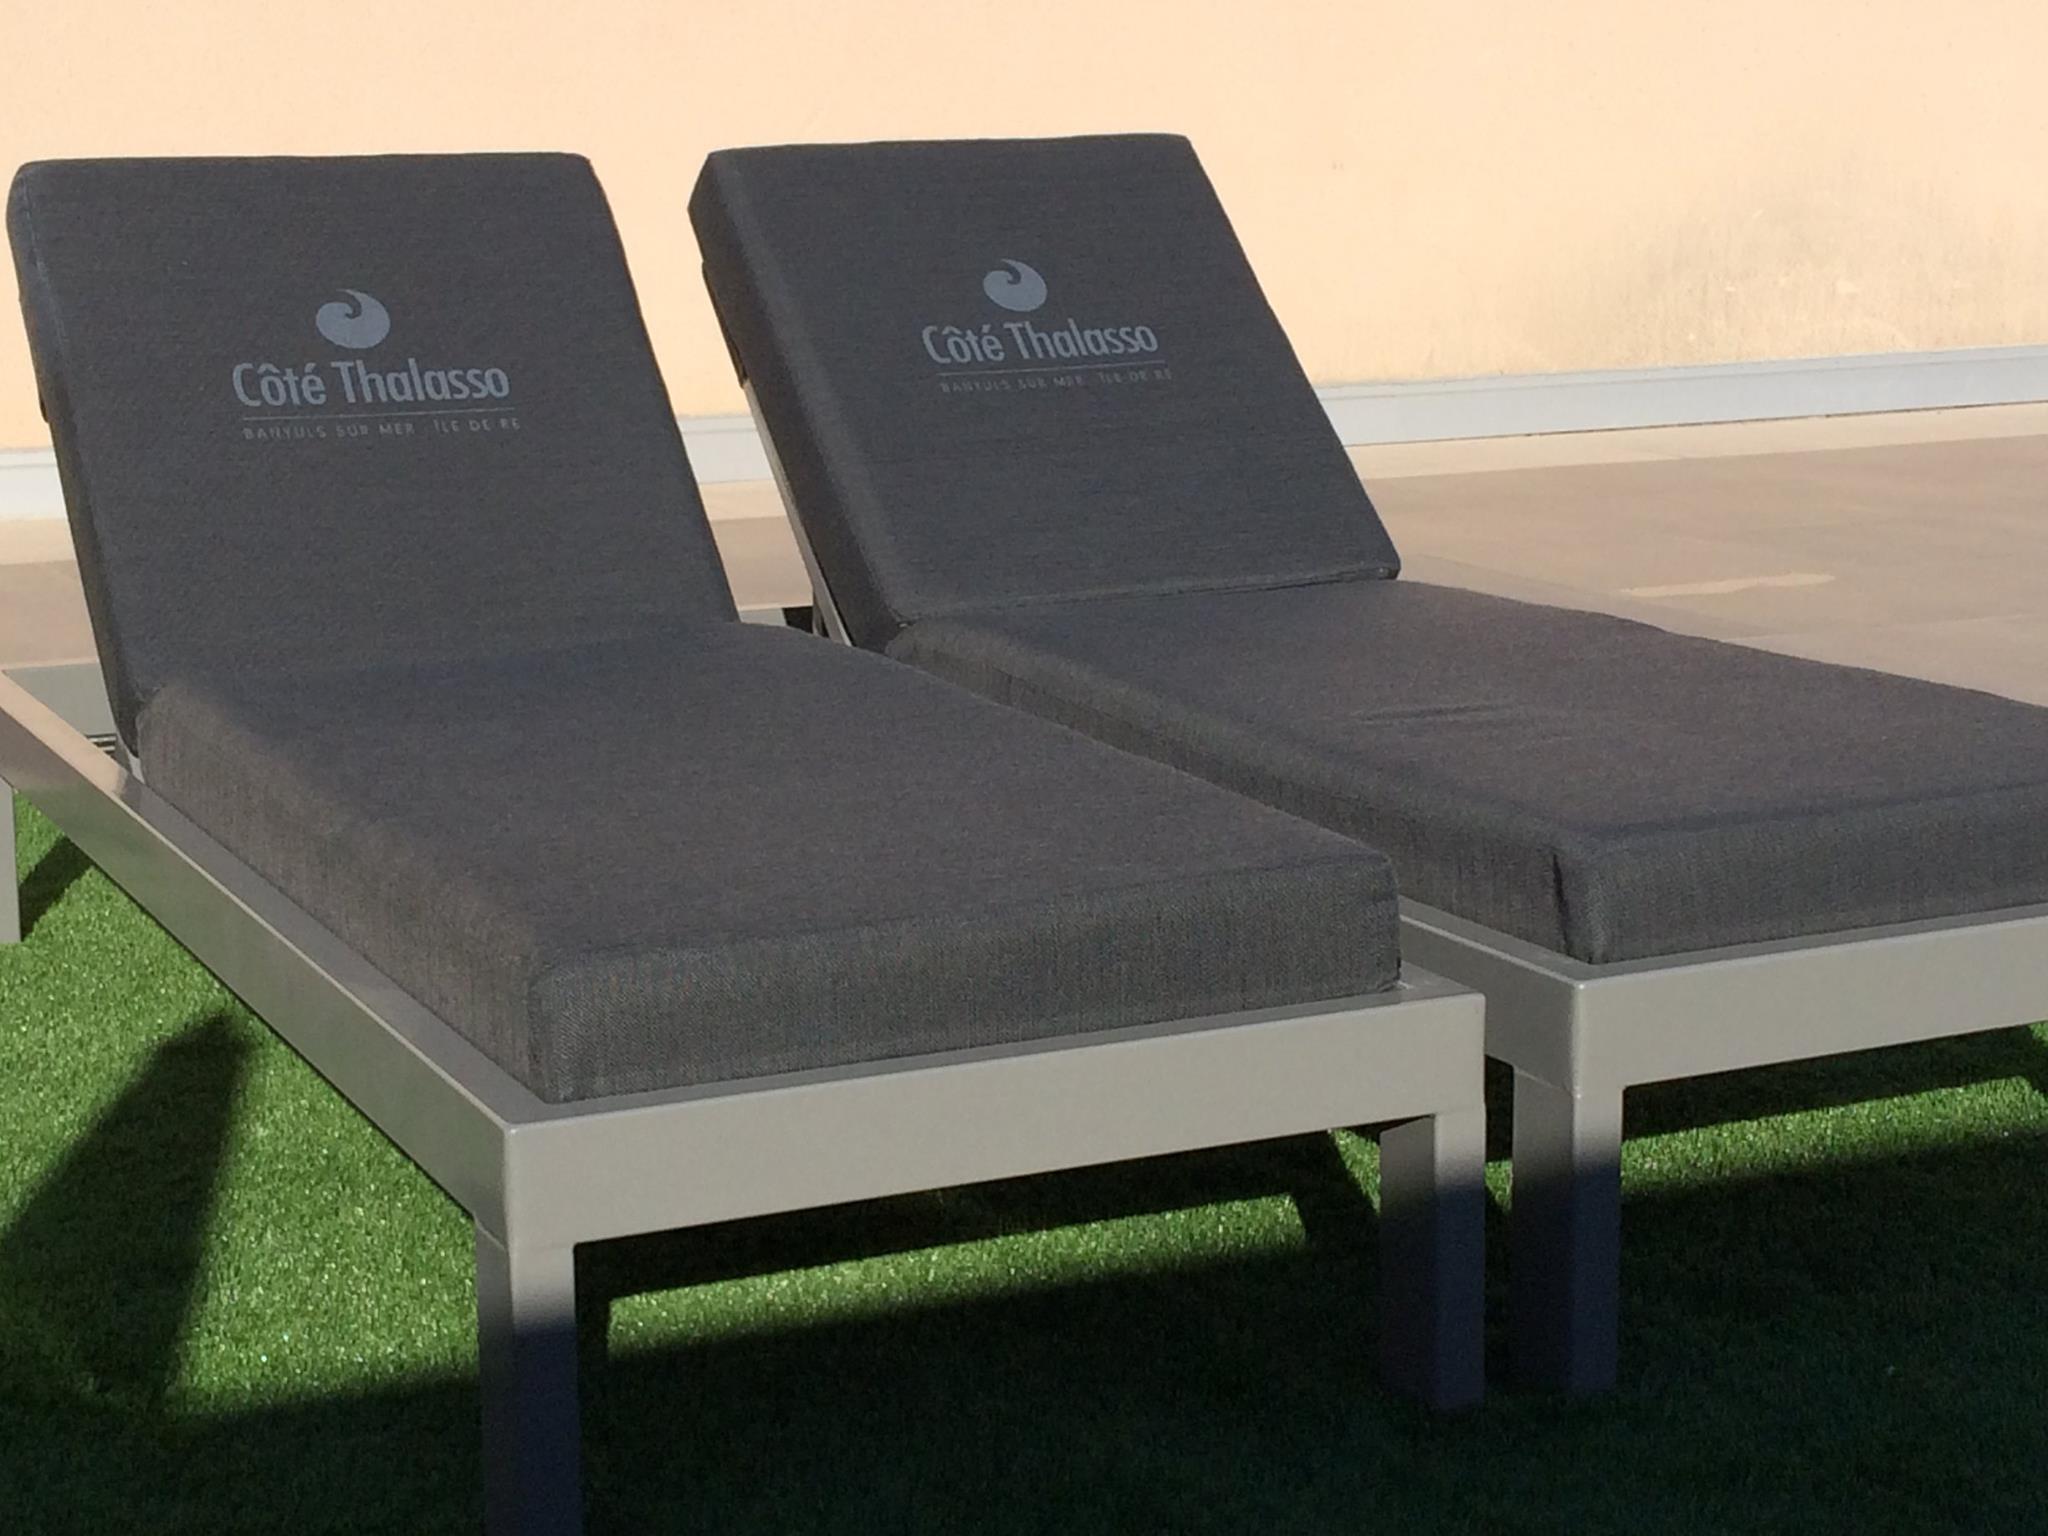 Matelas bains de soleil personnalises sur mesure - Mousses Etoiles